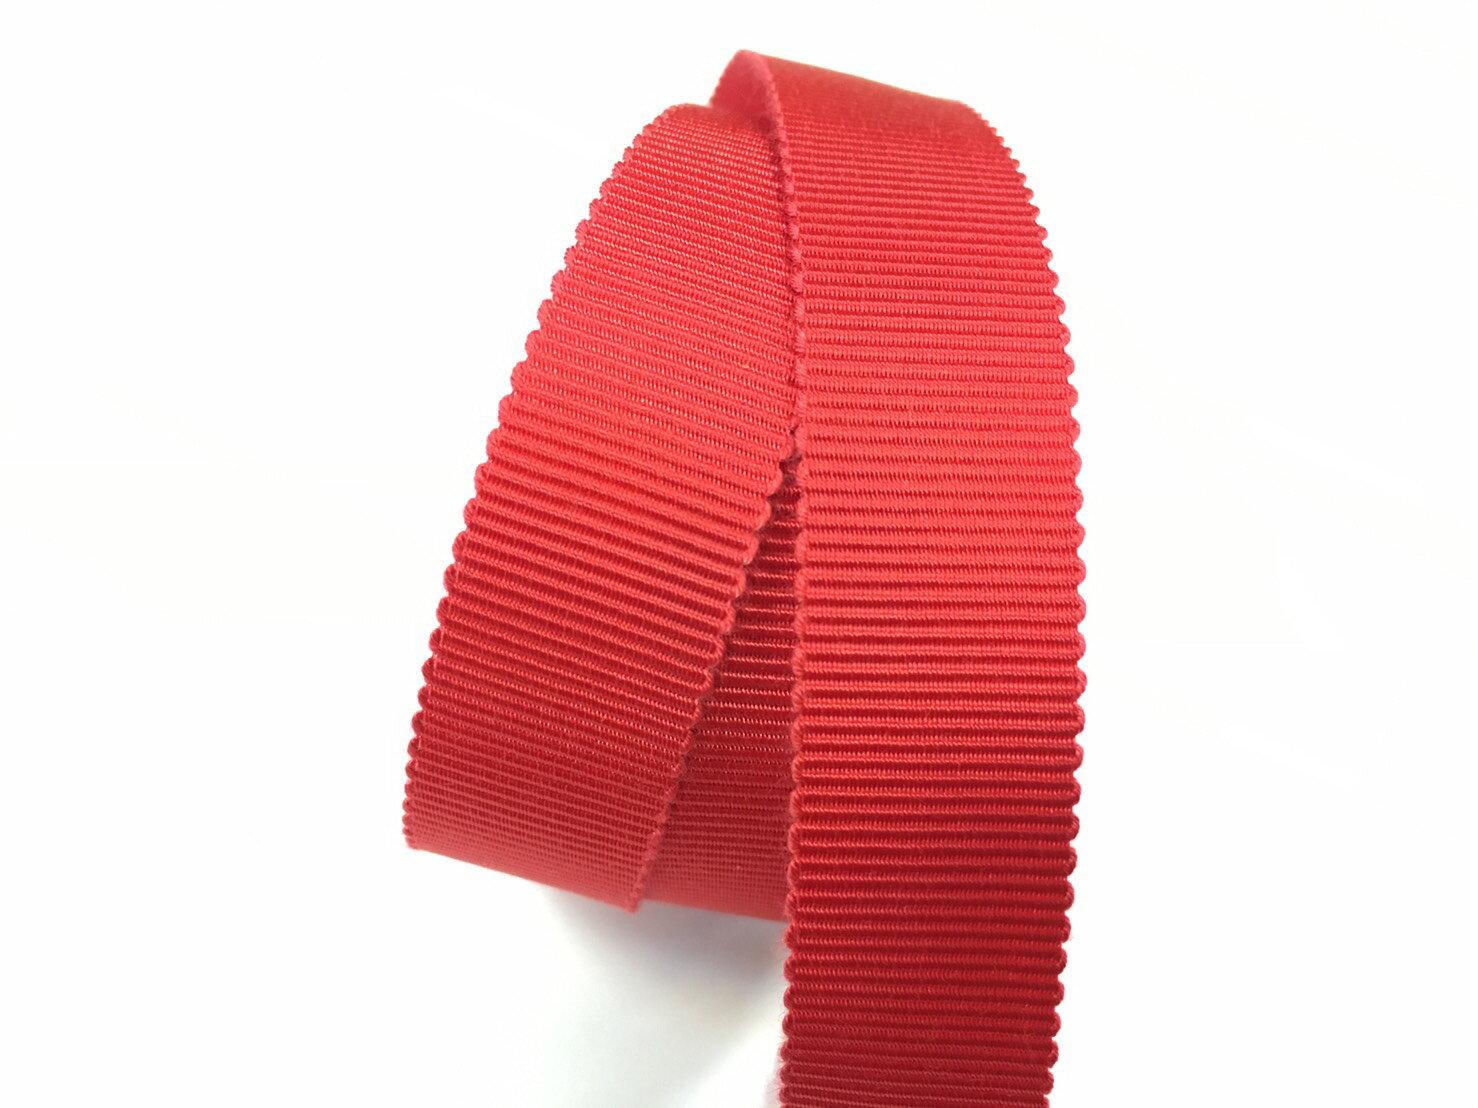 迴紋帶 羅紋緞帶 10mm 3碼 (22色) 日本製造台灣包裝 1